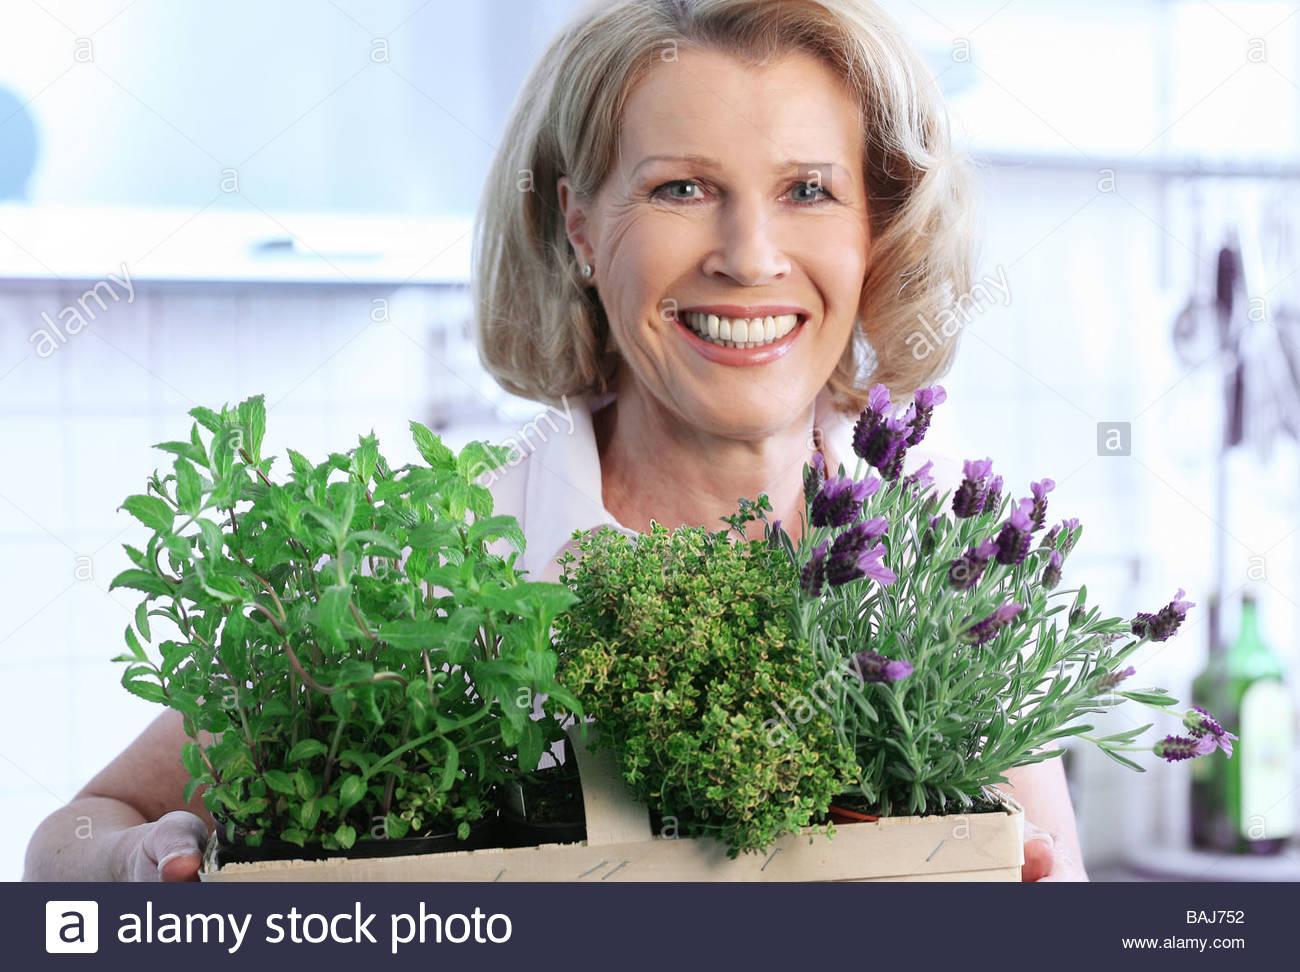 mittlere gealterte Frau hält Korb mit Kräutern in die Hände Stockbild